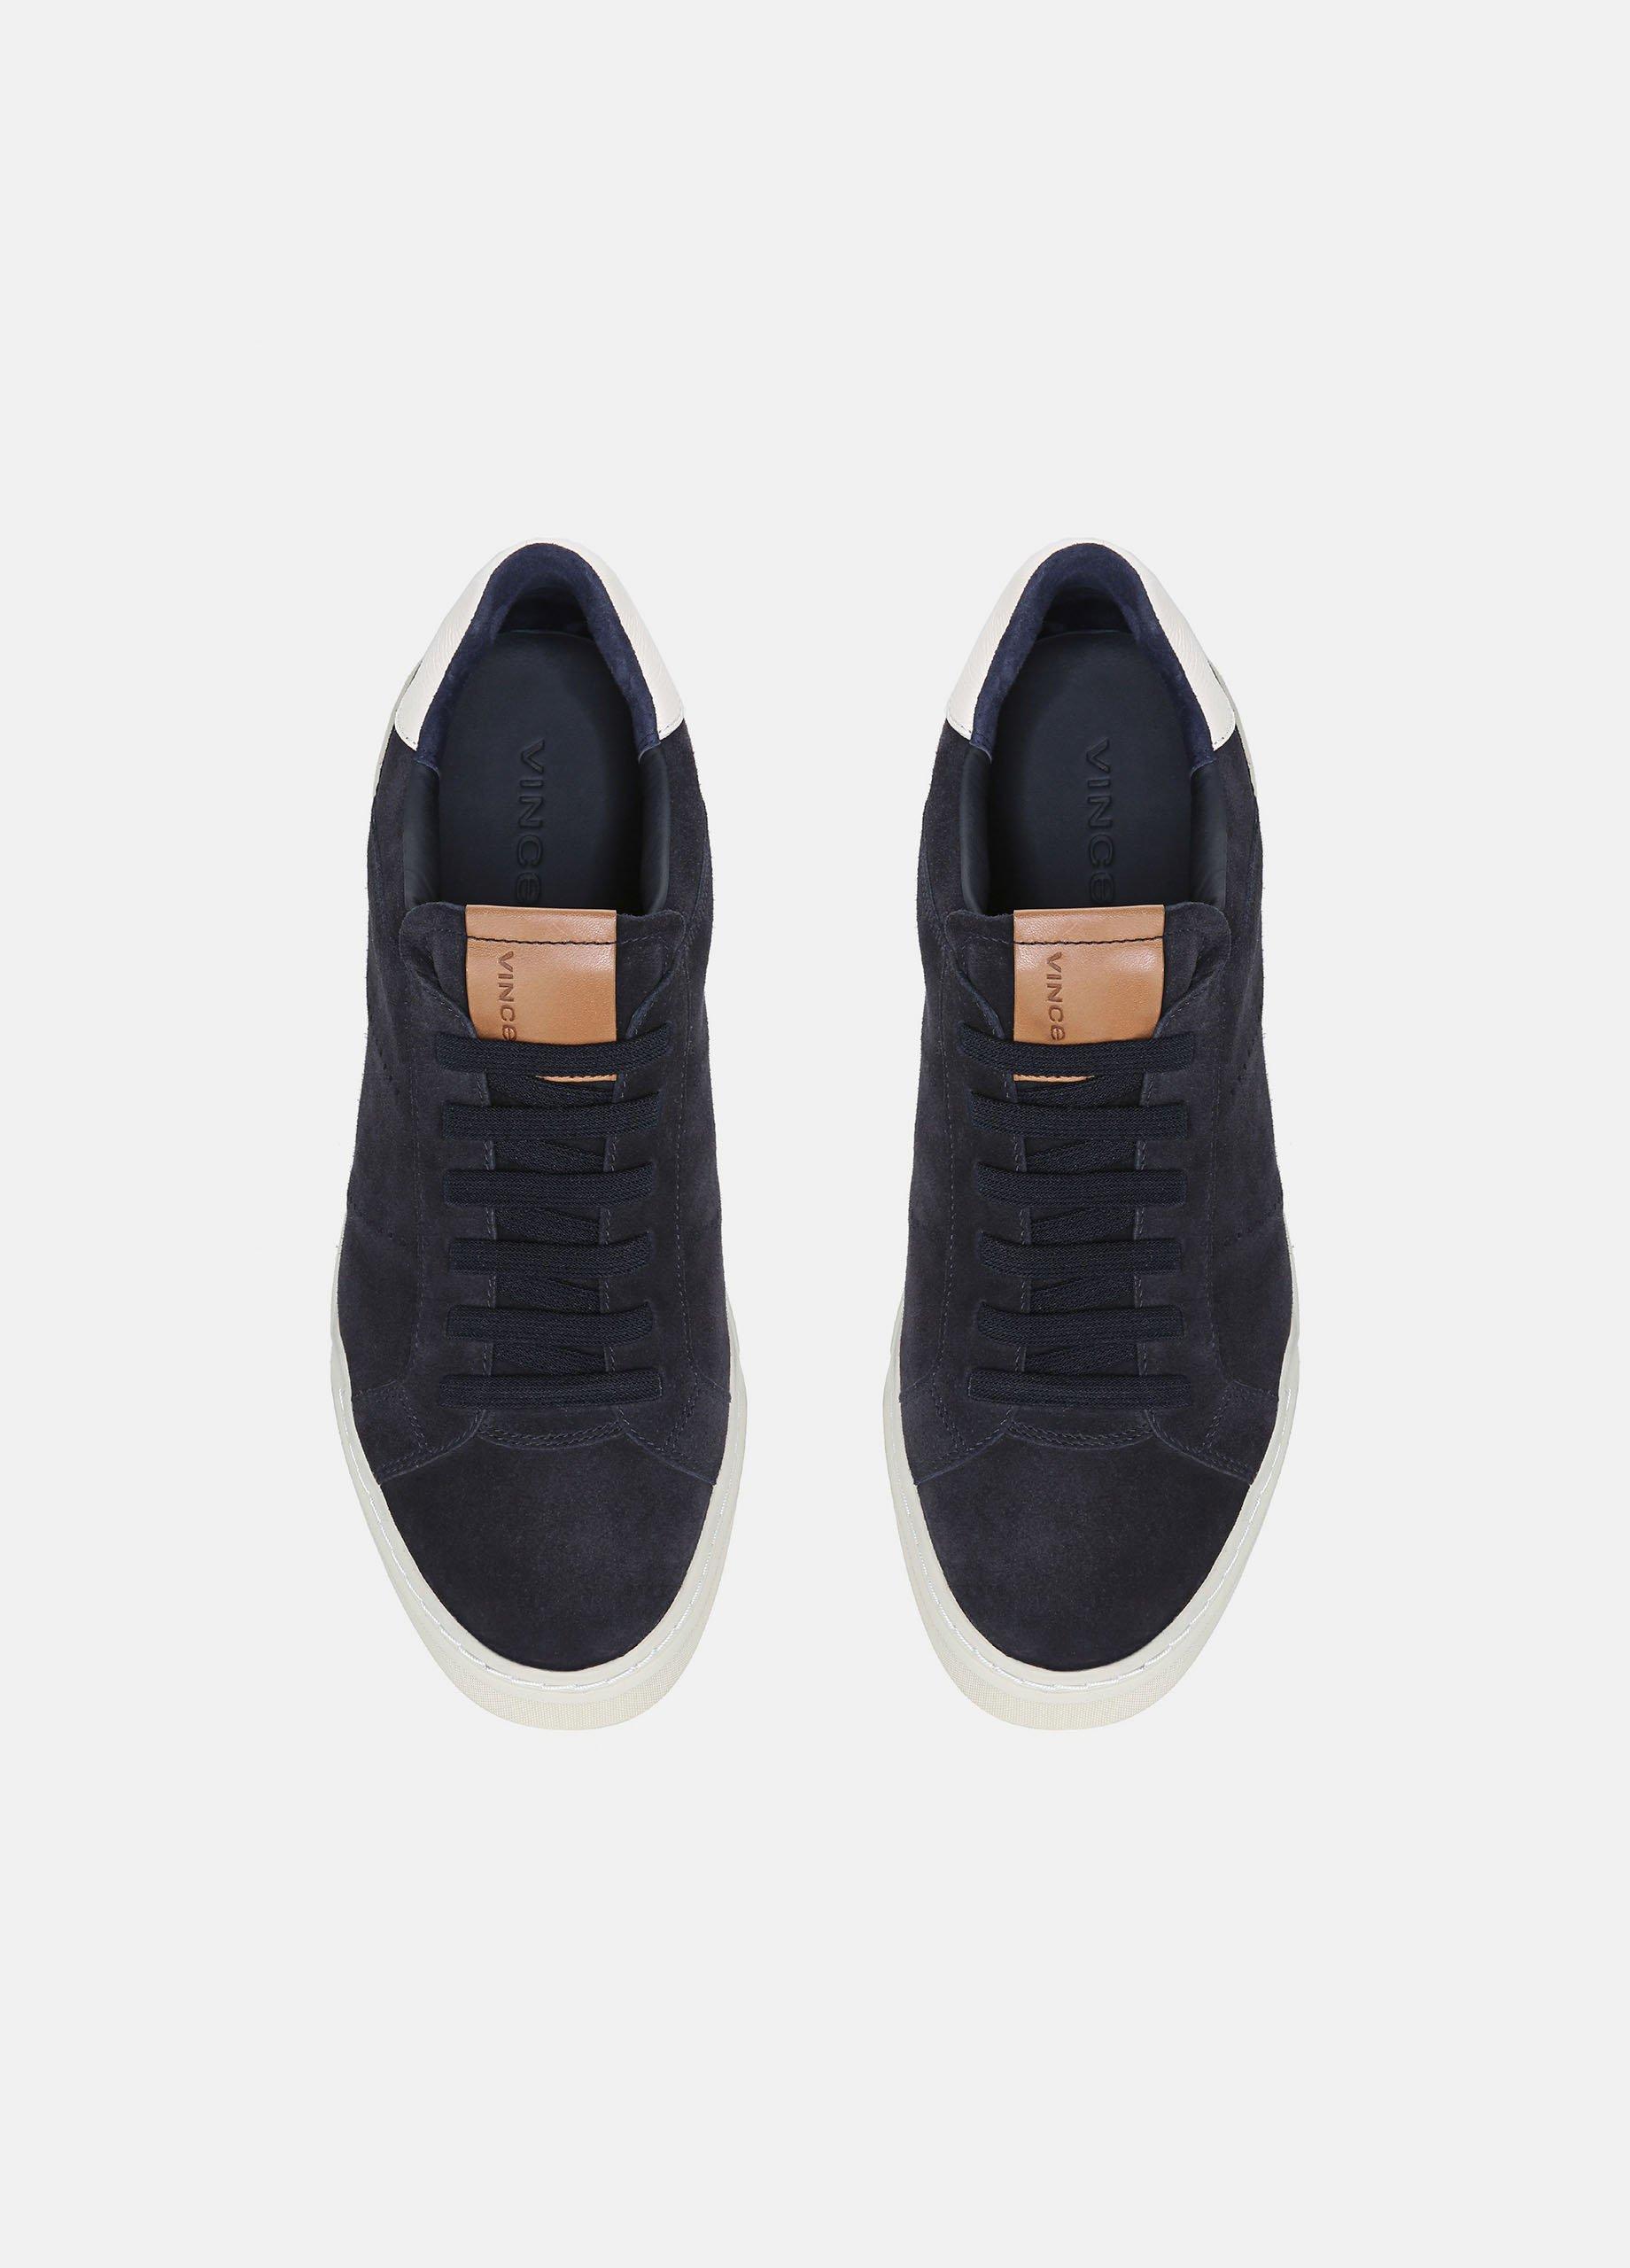 Mercer Suede Sneaker